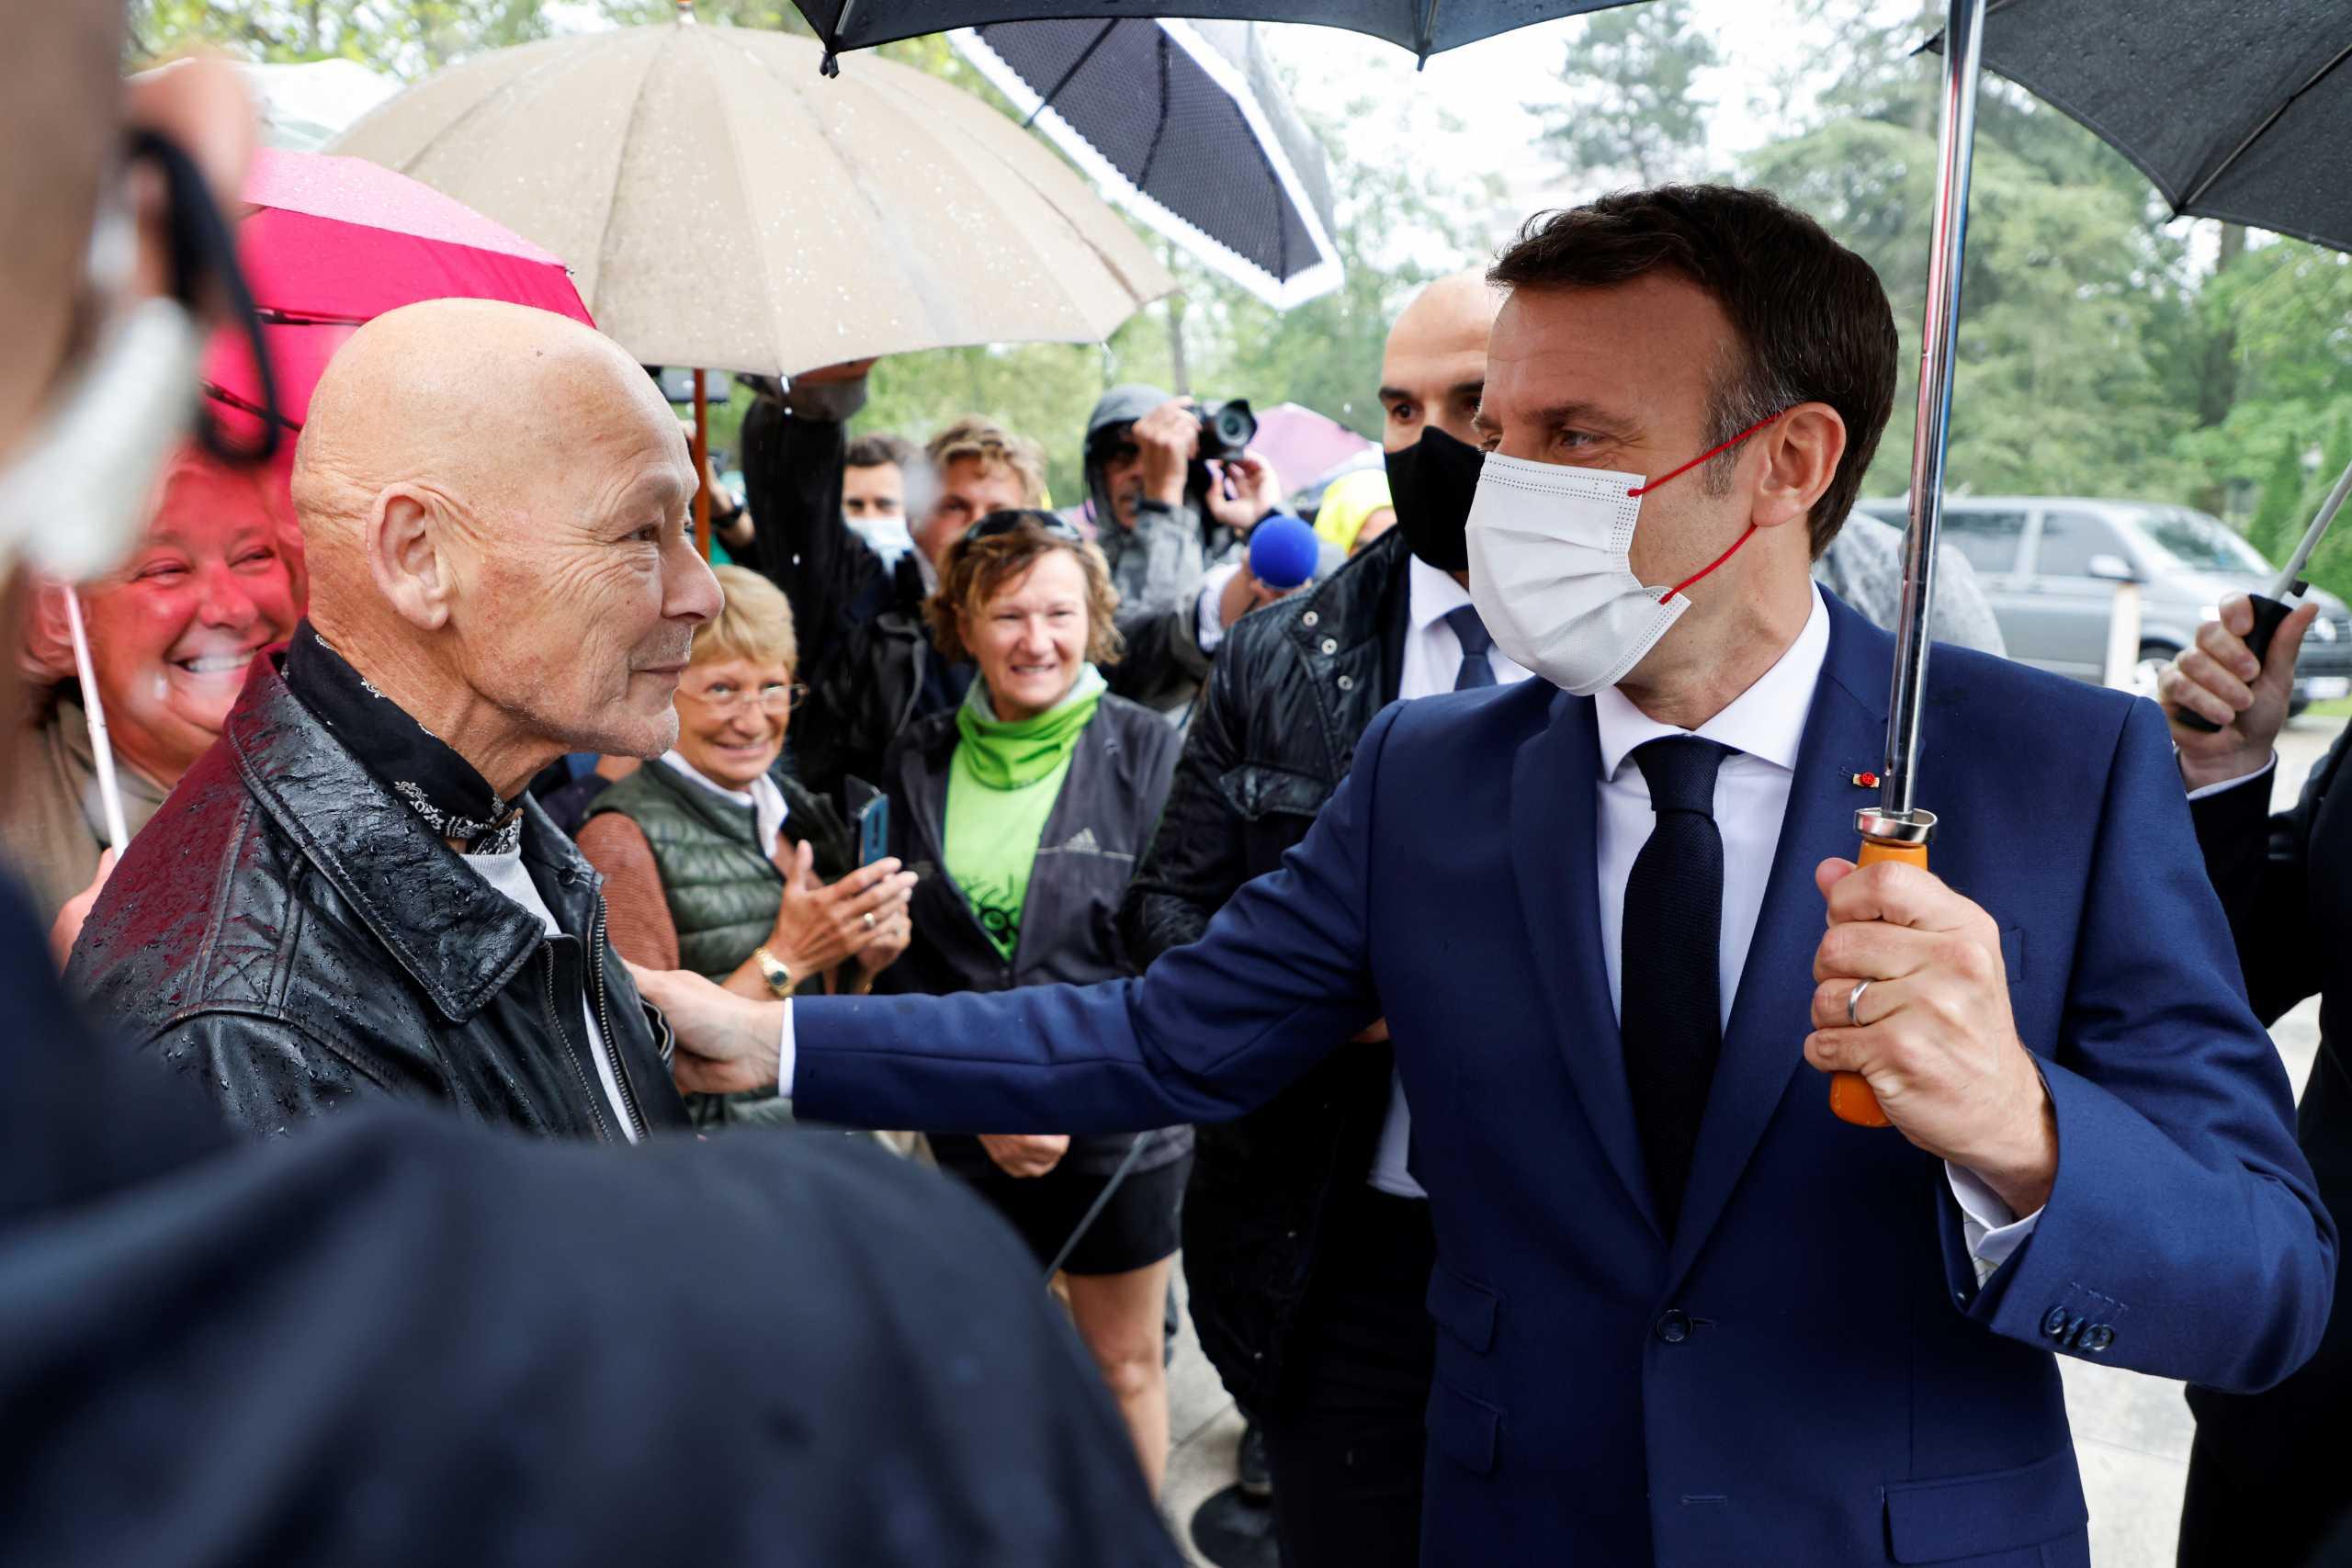 Γαλλία: Πολύ μεγάλη αποχή και στον δεύτερο γύρο των περιφερειακών εκλογών